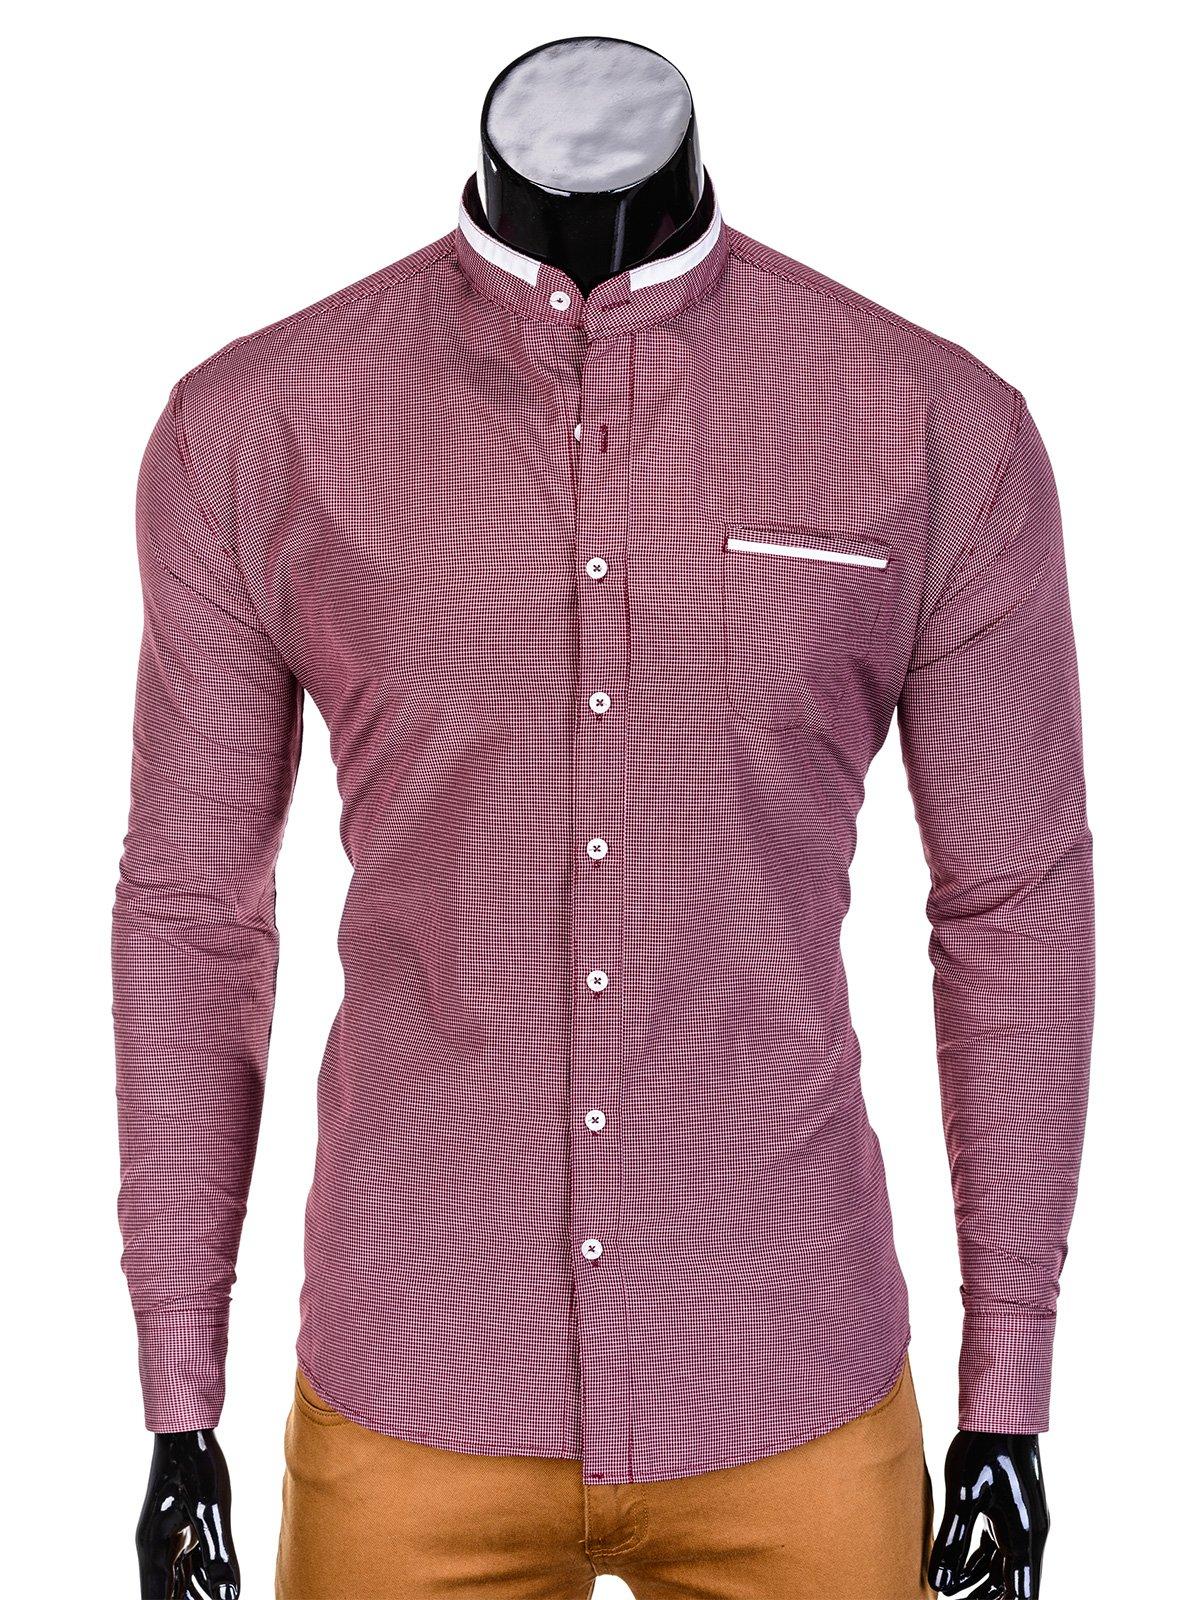 462d7c8b5bb9ee Koszula męska elegancka z długim rękawem 389K - czerwona czerwony | SALE \  Wszystkie SALE \ Koszule SALE \ OUTLET OMBRE \ Koszule - Edoti.com